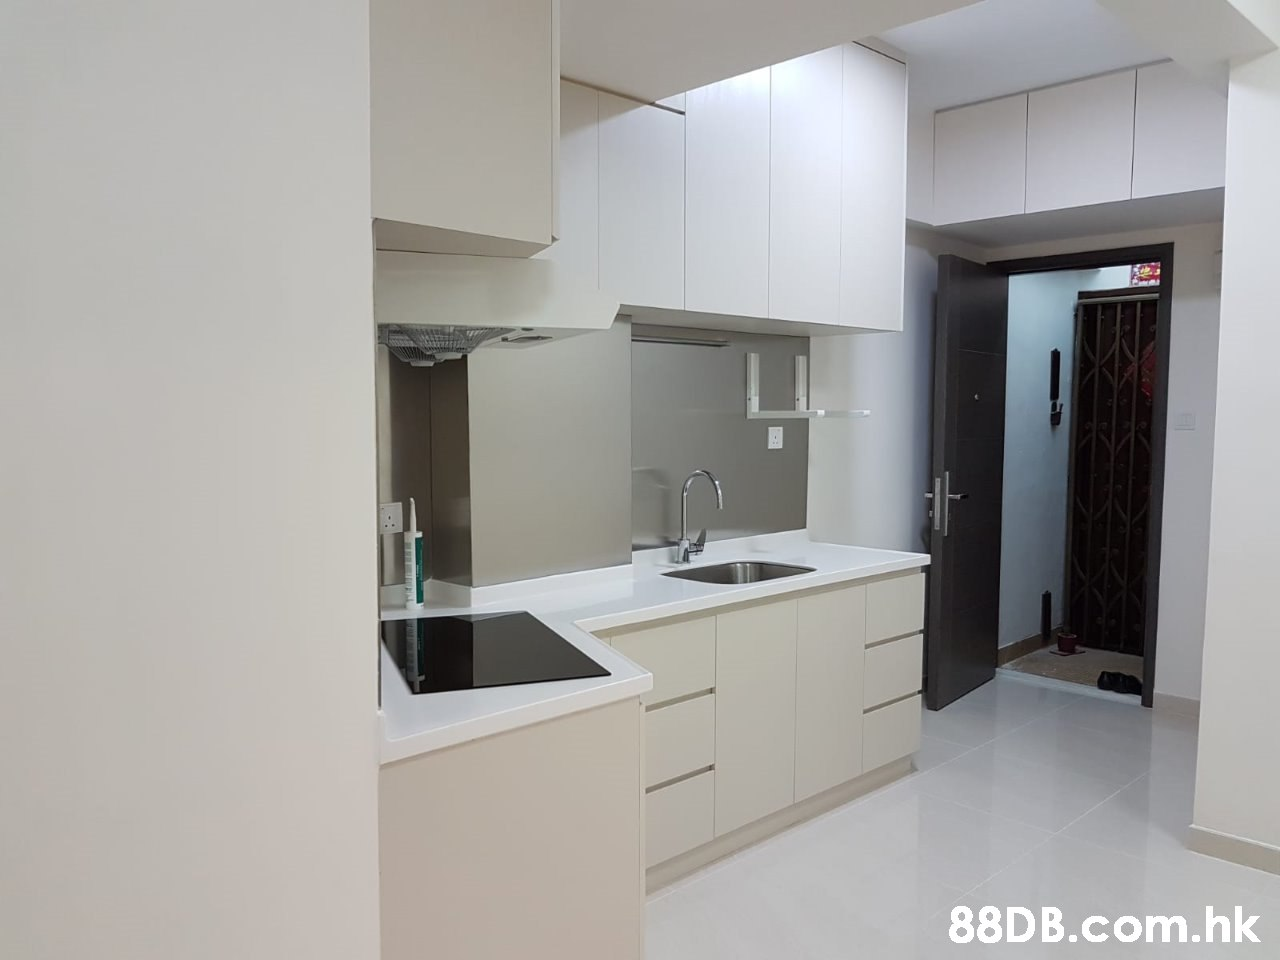 .hk  Property,Room,Furniture,Interior design,Building